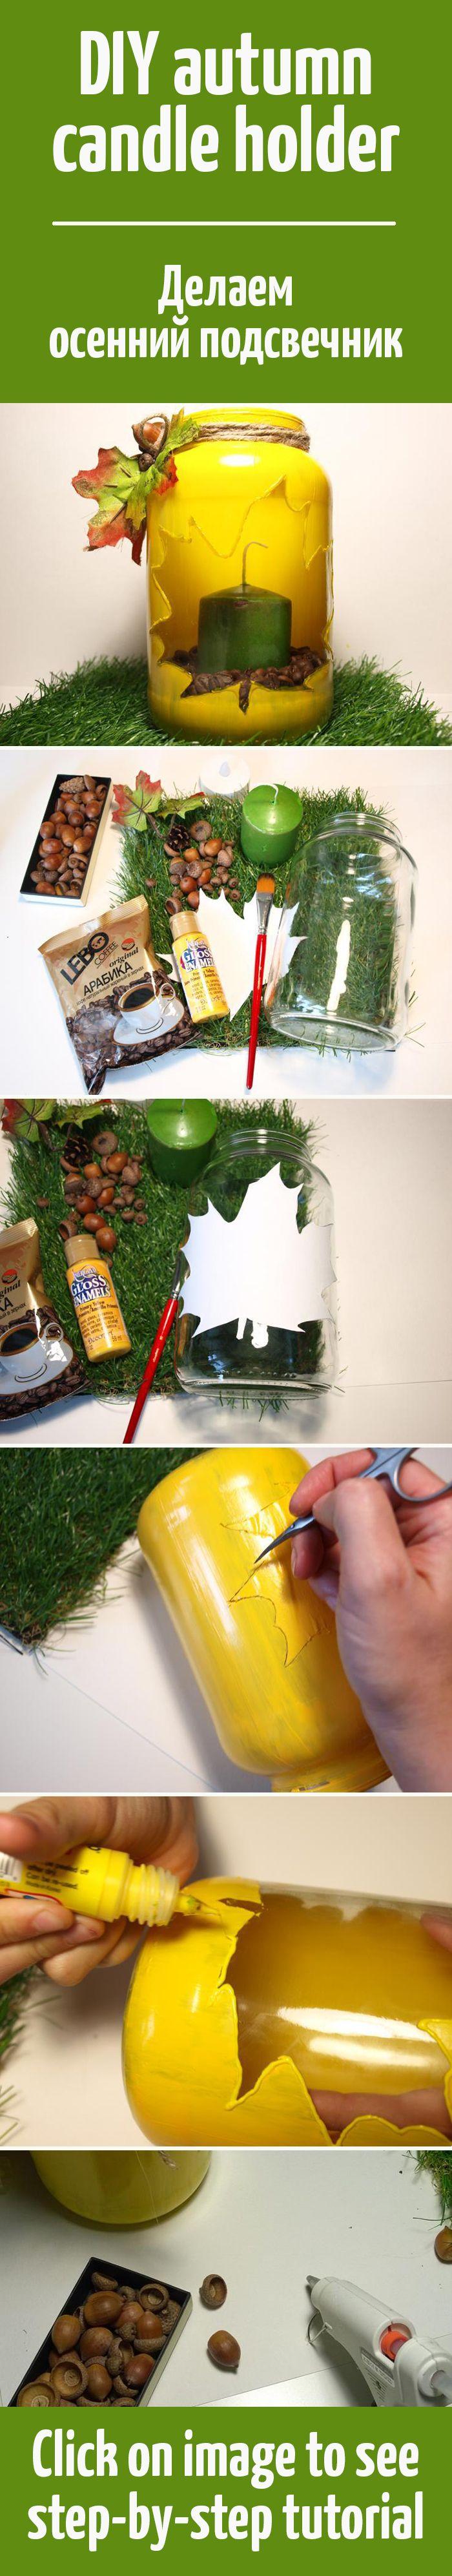 Делаем осенний подсвечник / DIY autumn candle holder